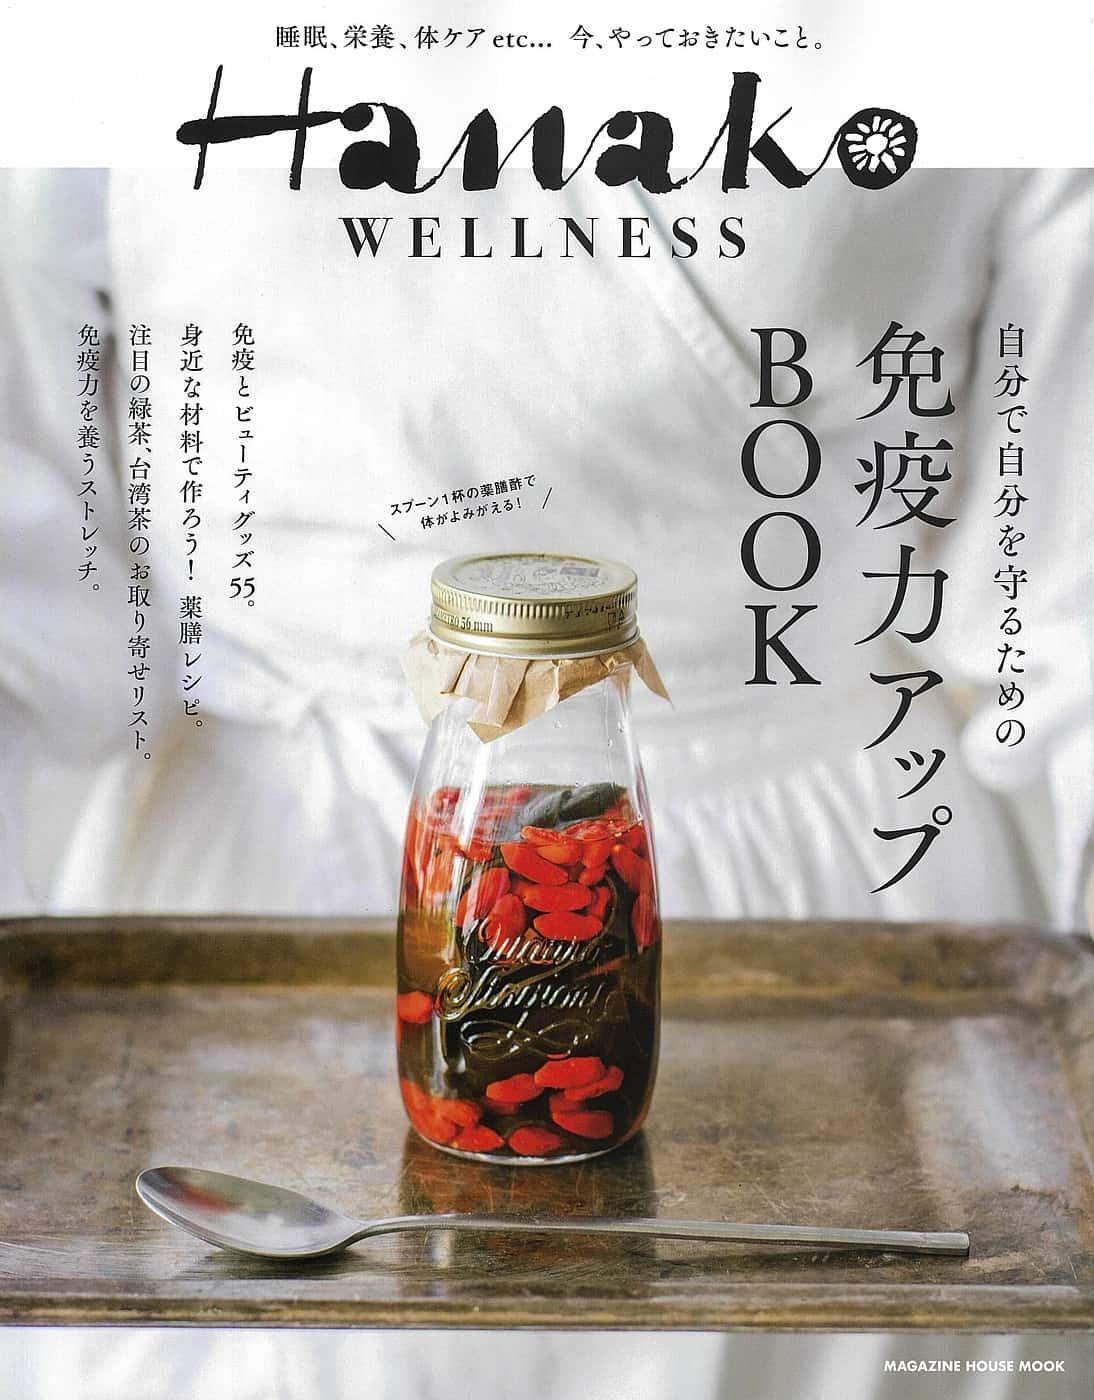 11月10日発売『Hanako WELLNESS』